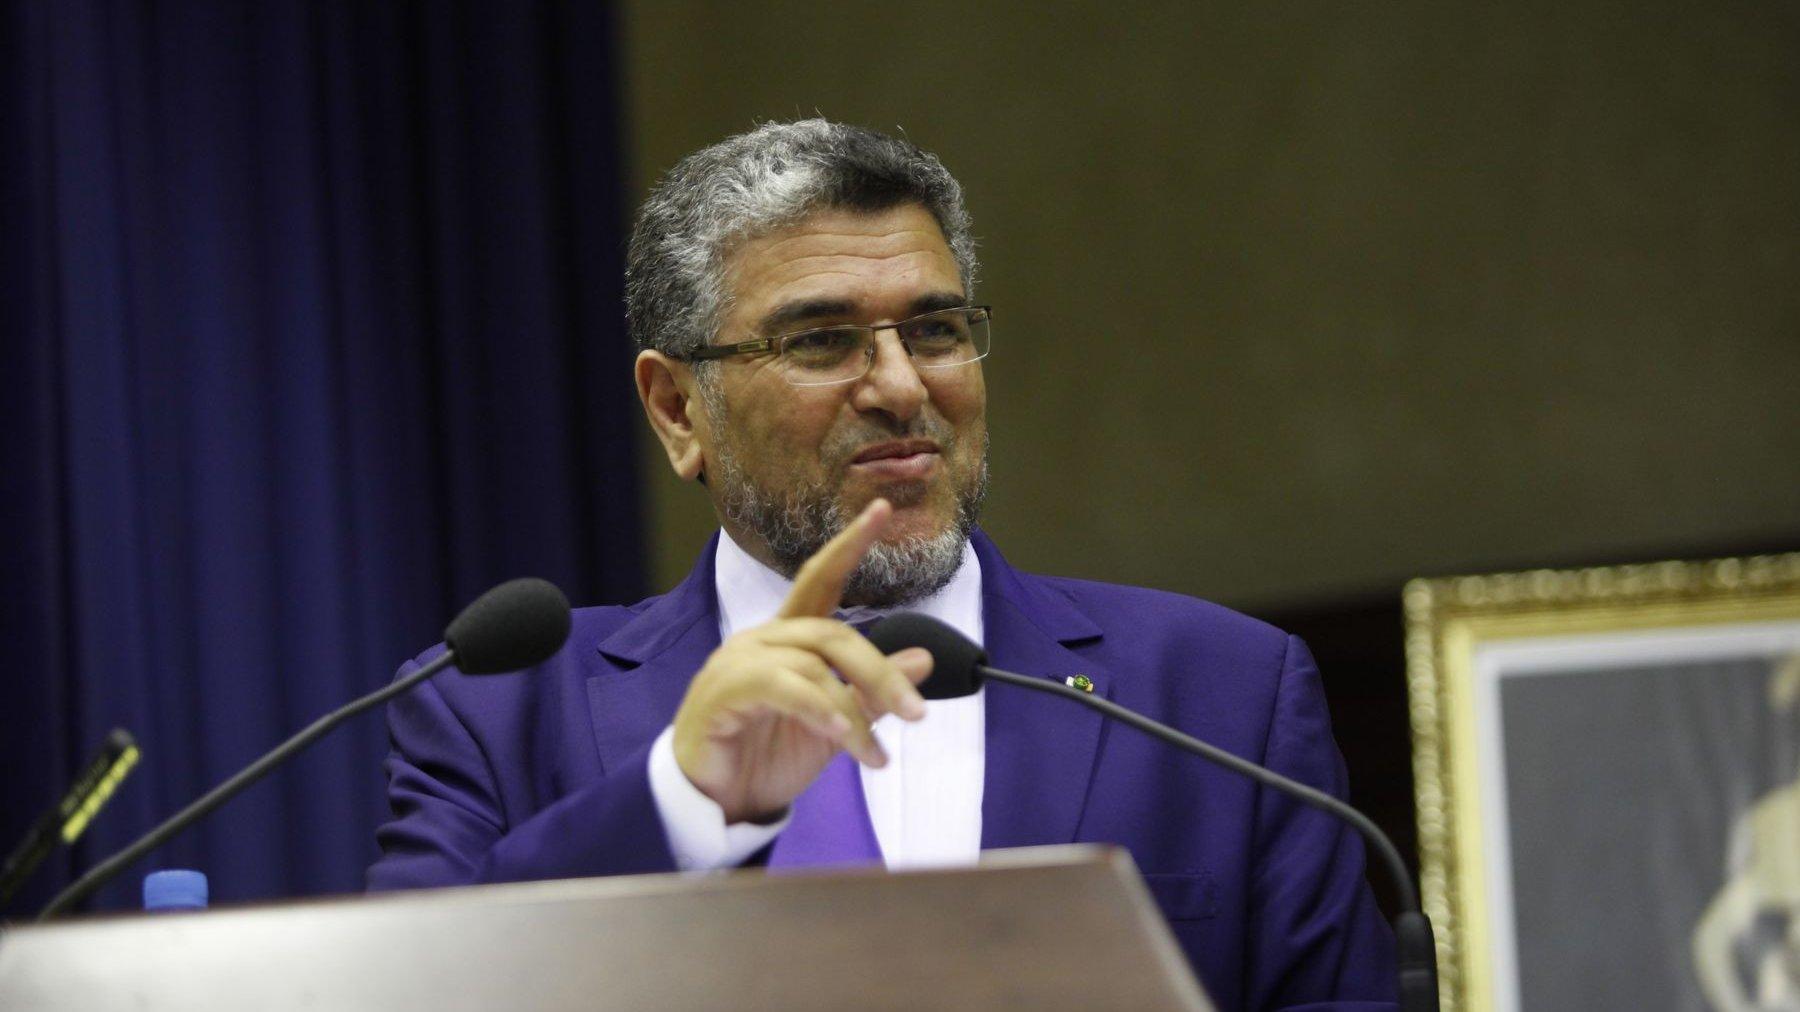 مصطفى الرميد: الاستيلاء على أملاك الغير سيصبح قريبا في خبر كان